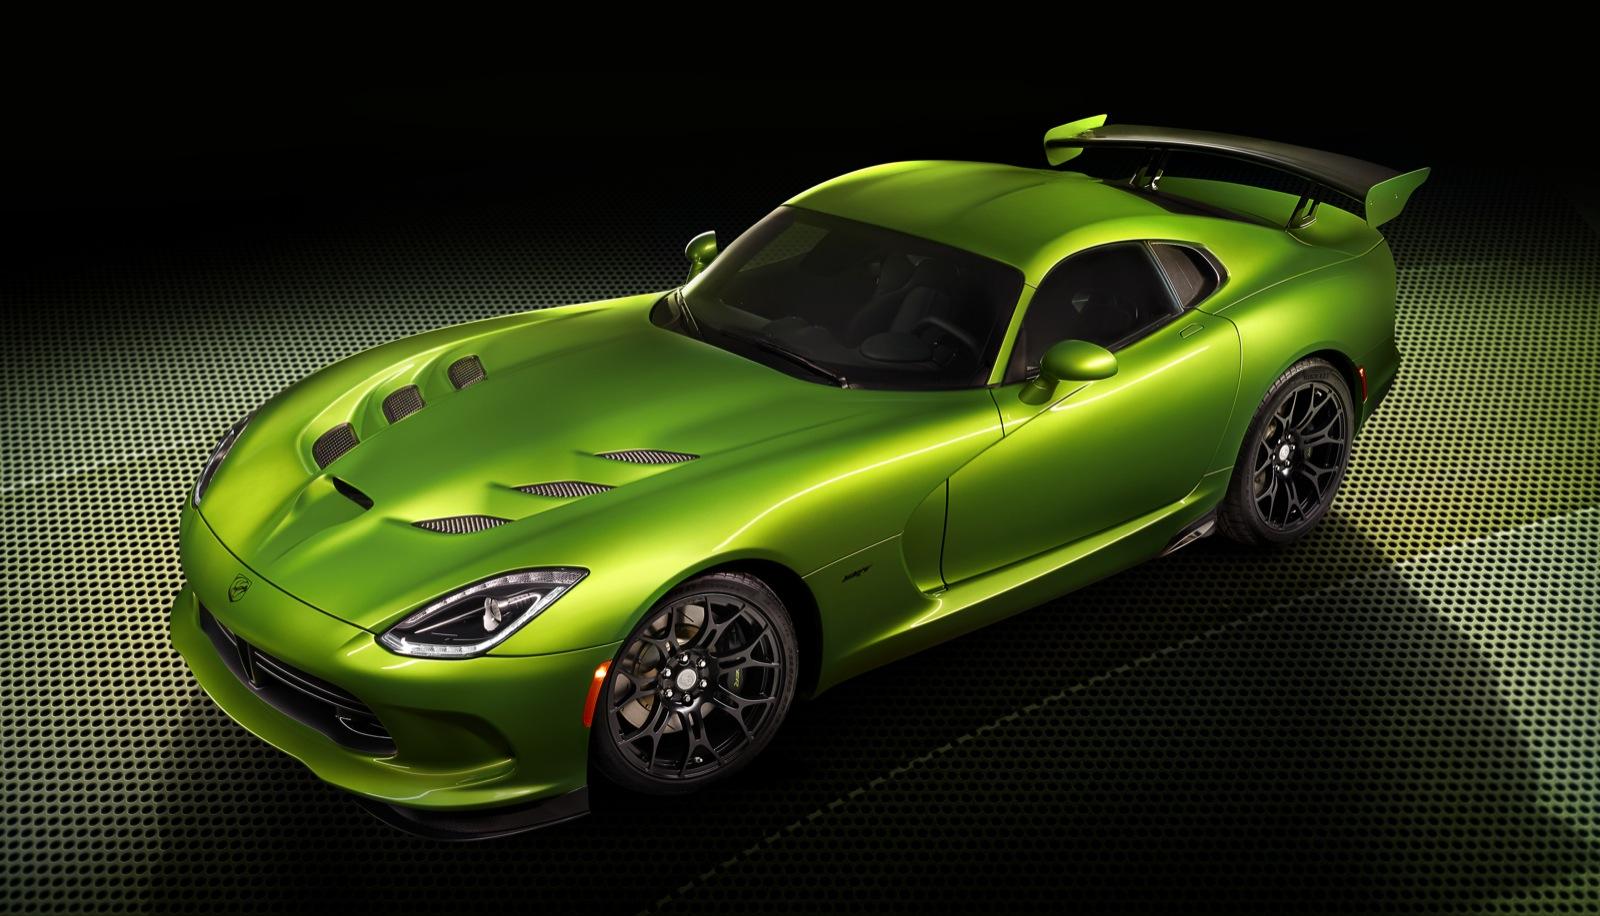 2014 Srt Viper Gets Mid Grade Gt Model Stryker Green Color